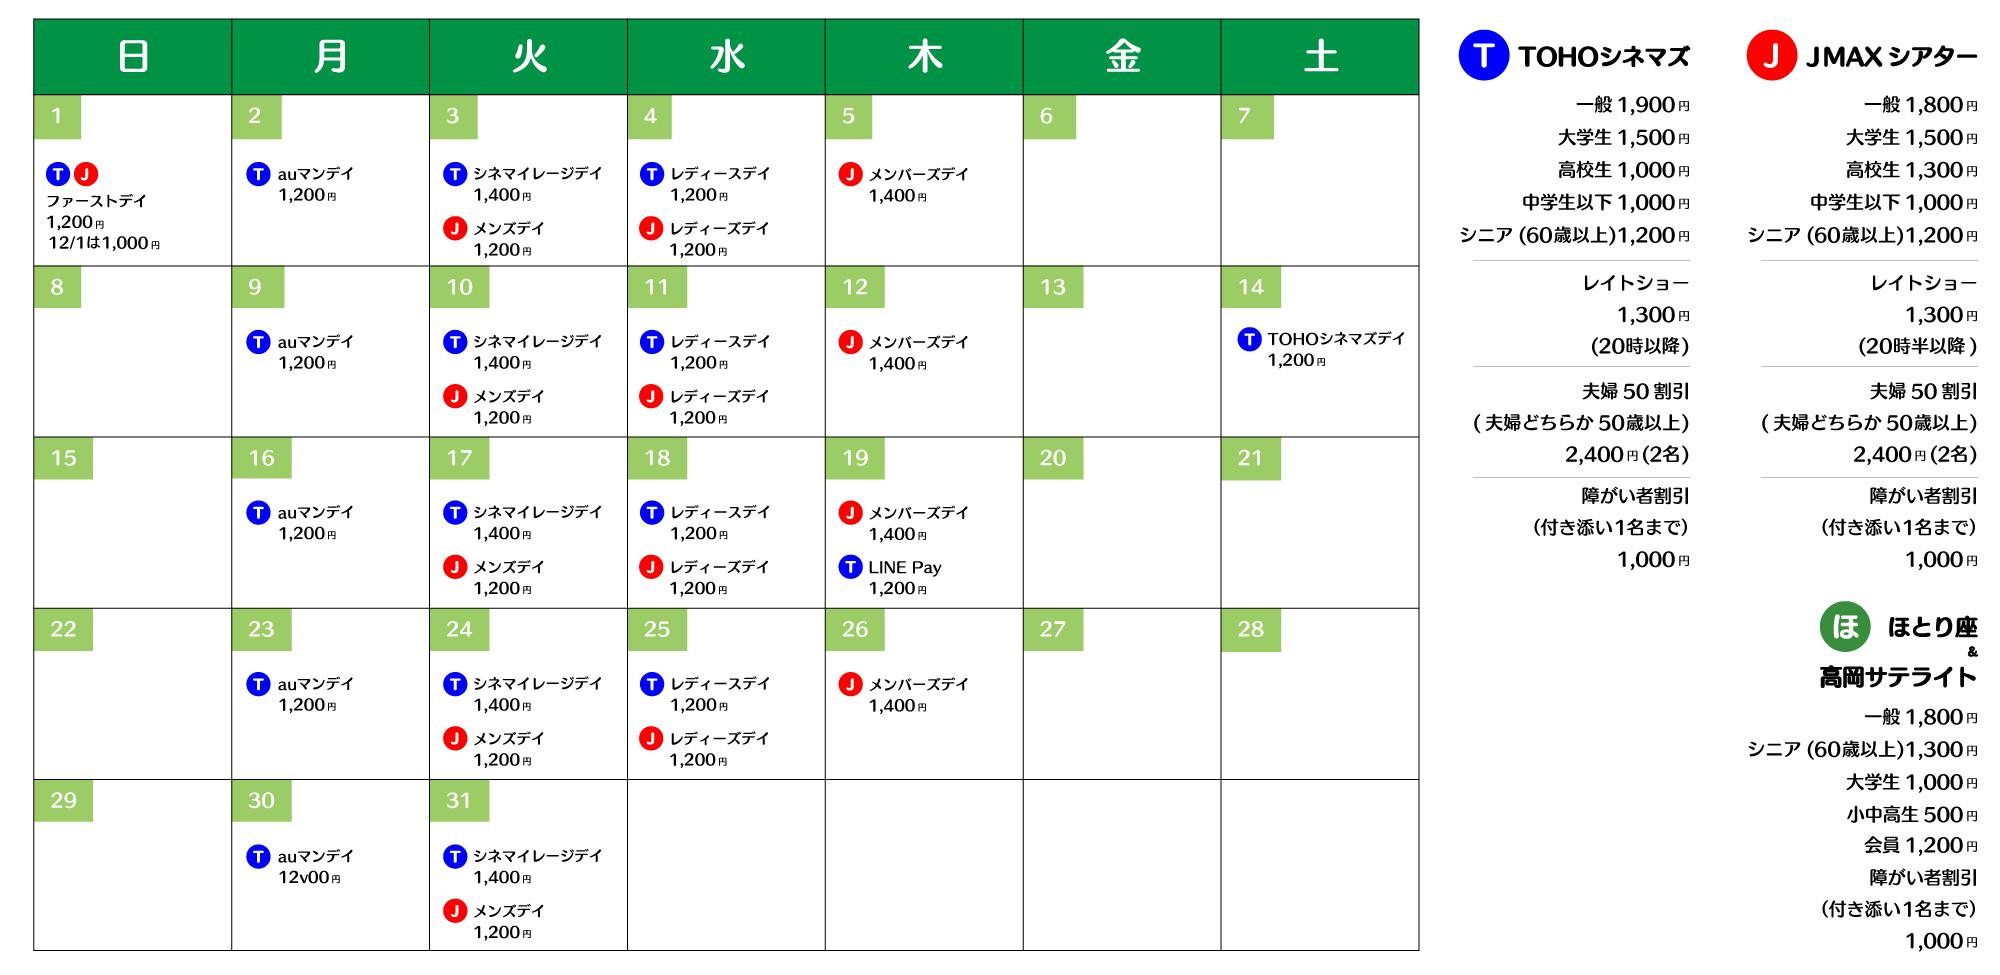 富山県の映画館の割引料金一覧カレンダー(2020年12月更新)